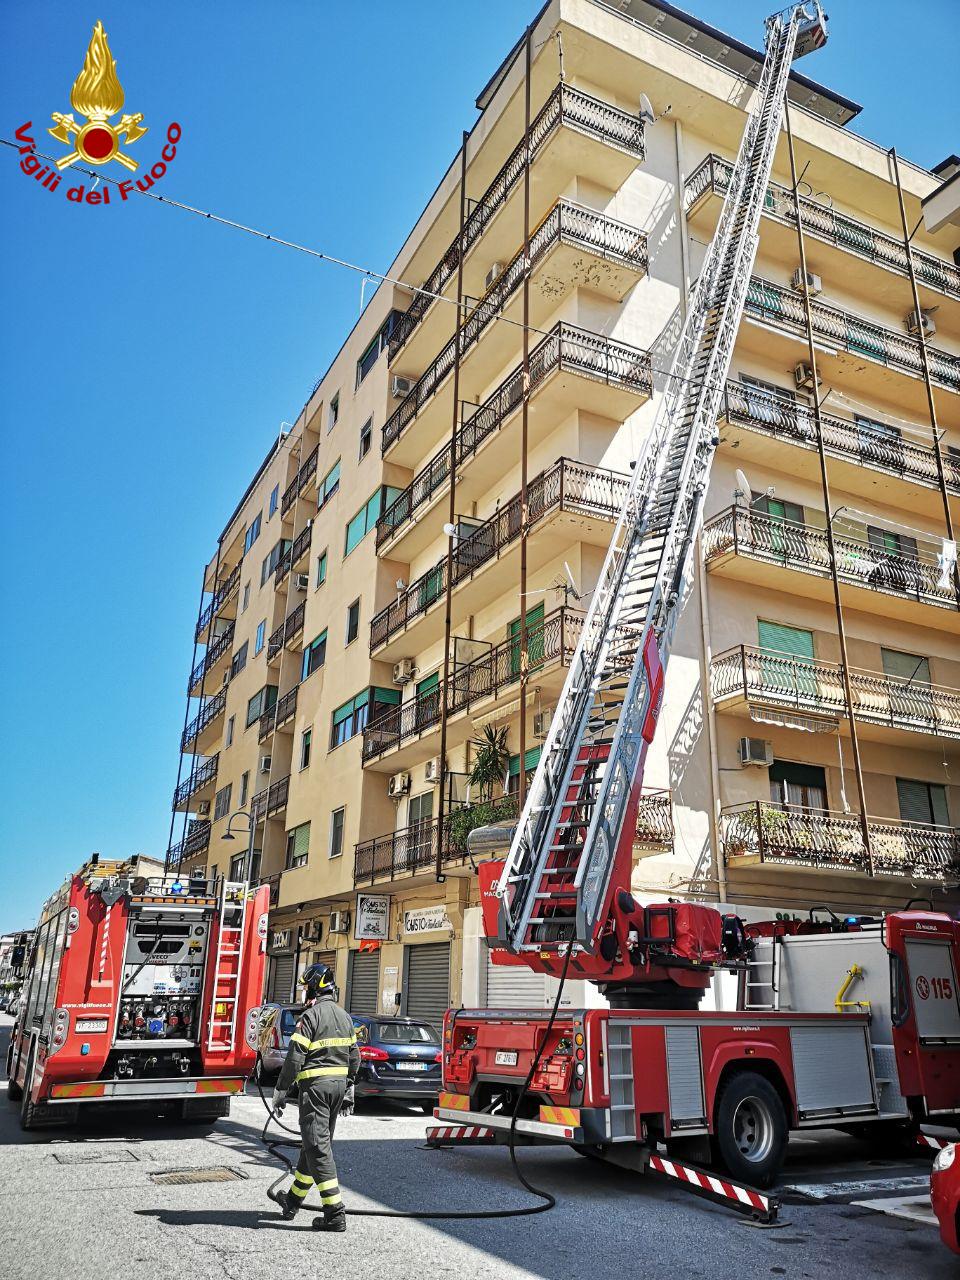 Incendio in una tettoia a Crotone, intervengono i Vigili del Fuoco